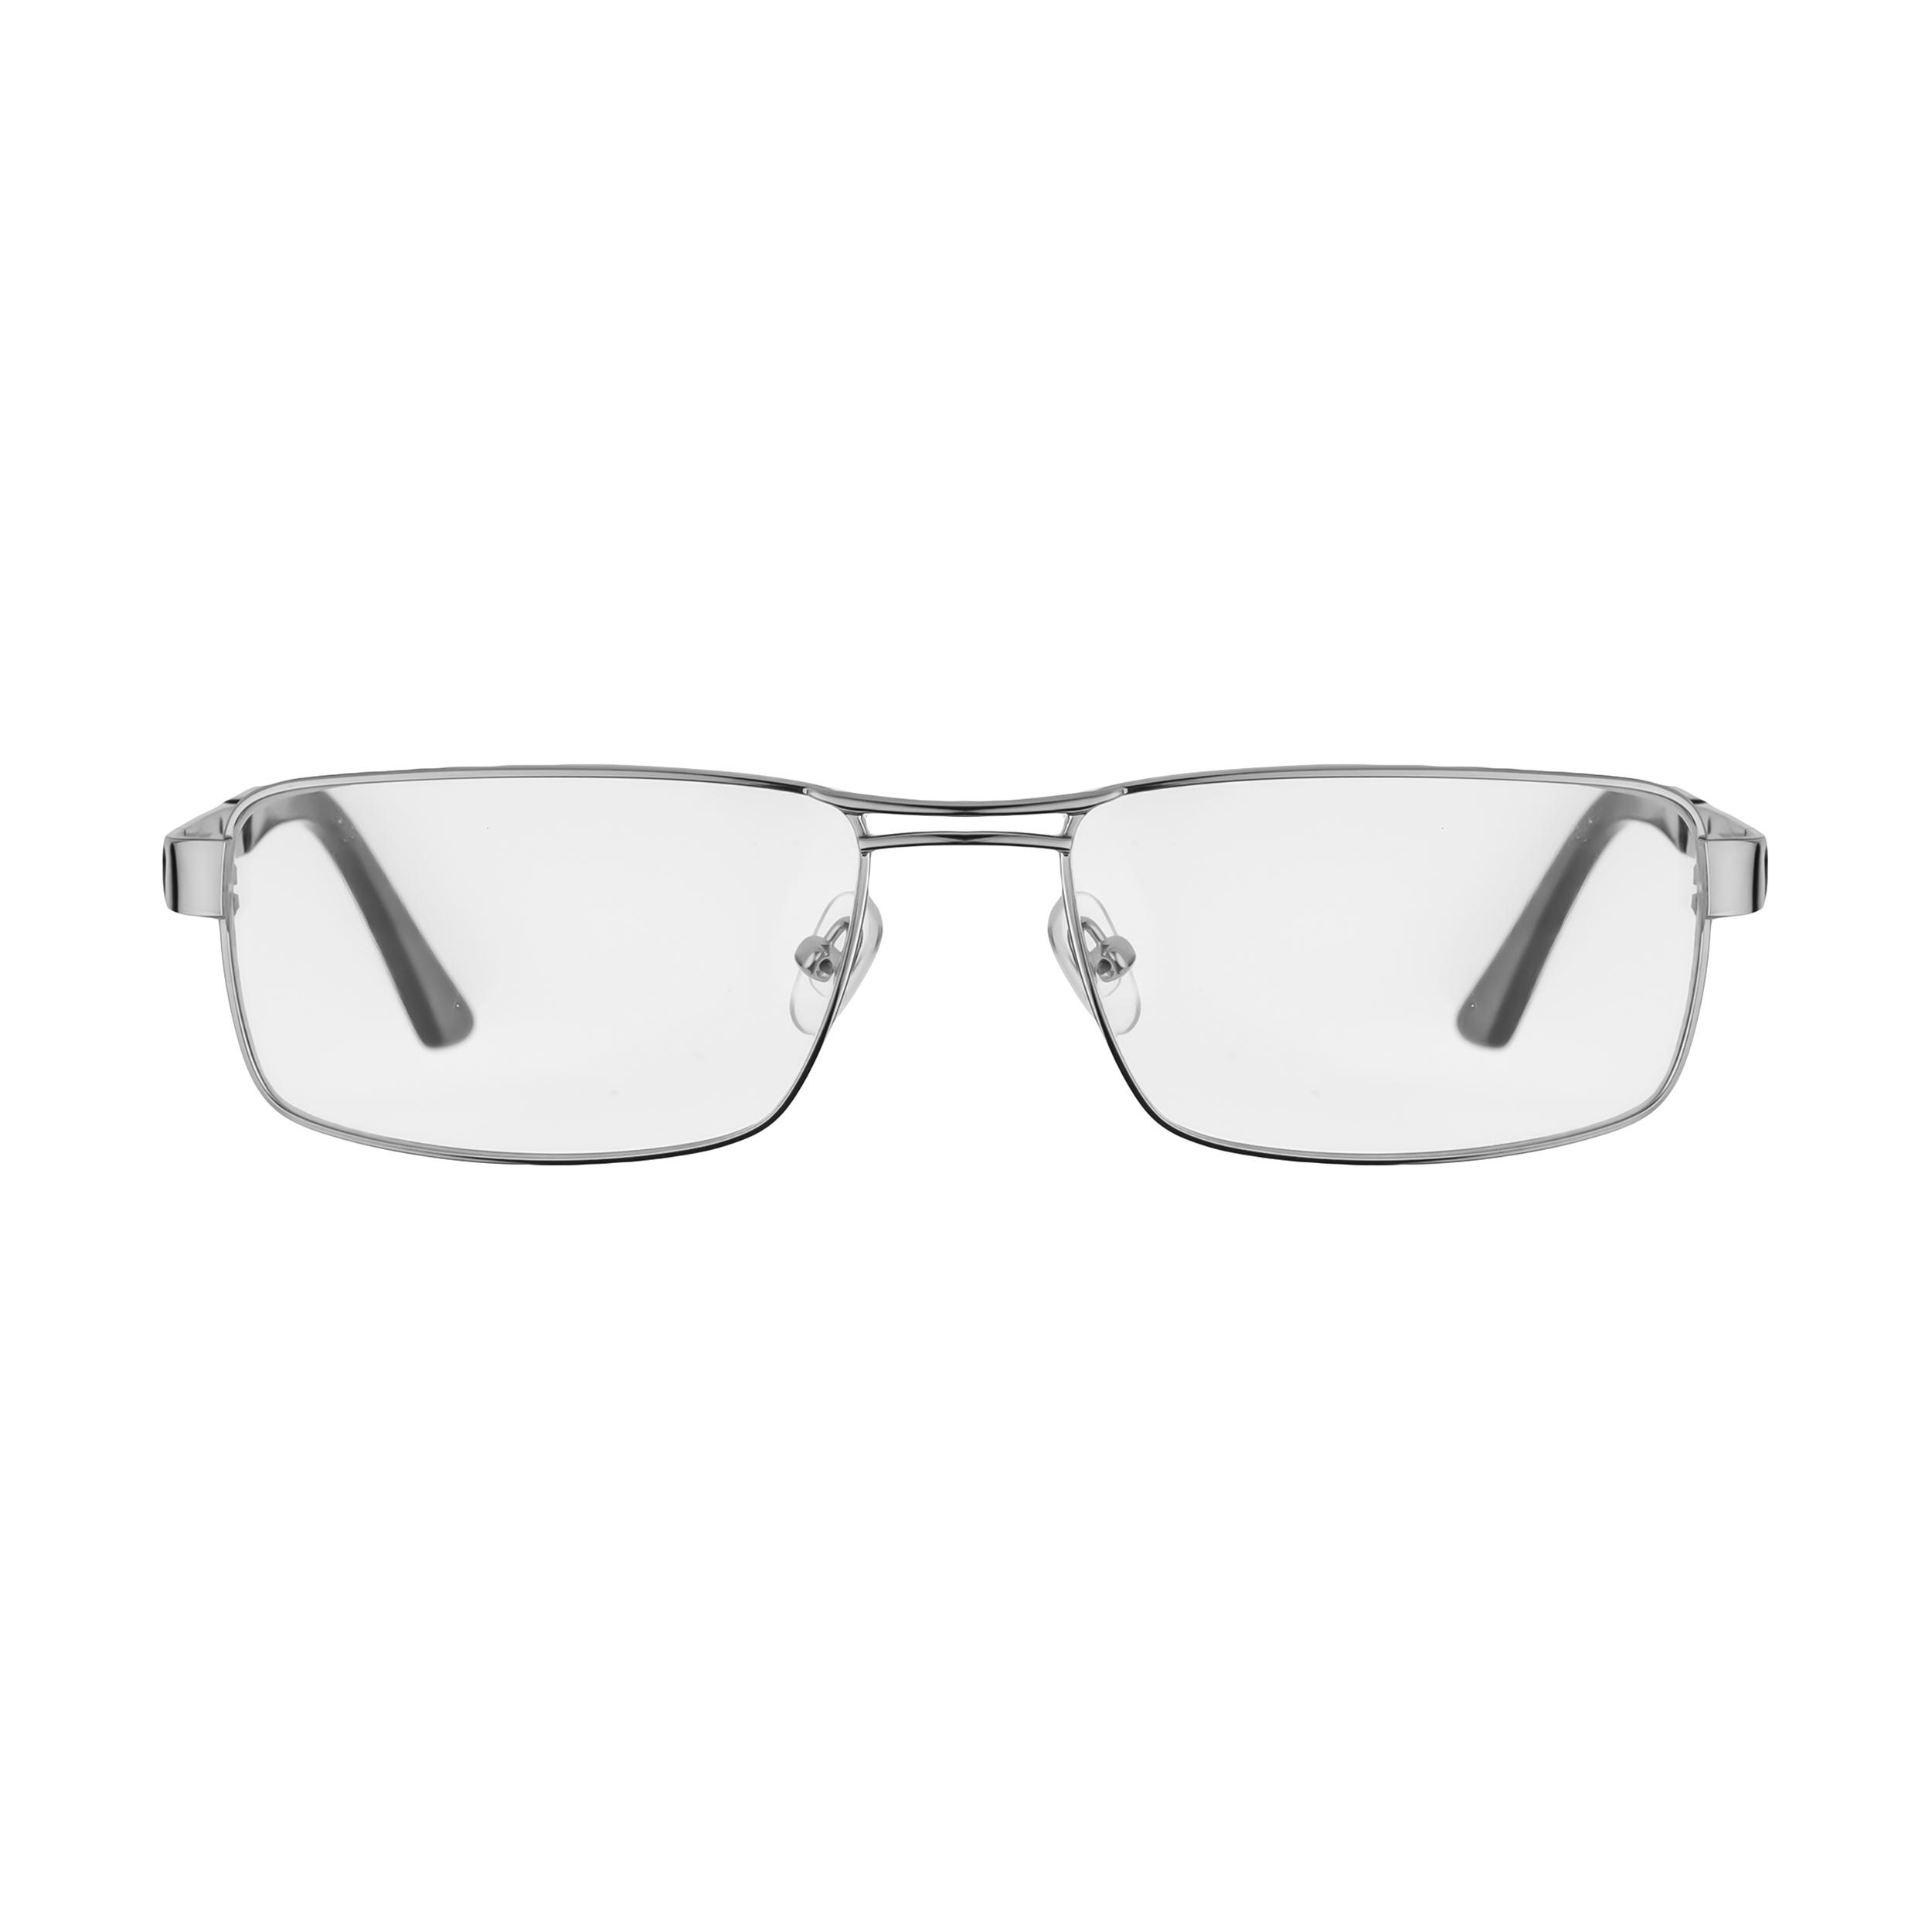 فریم عینک طبی هوگو باس مدل 6361